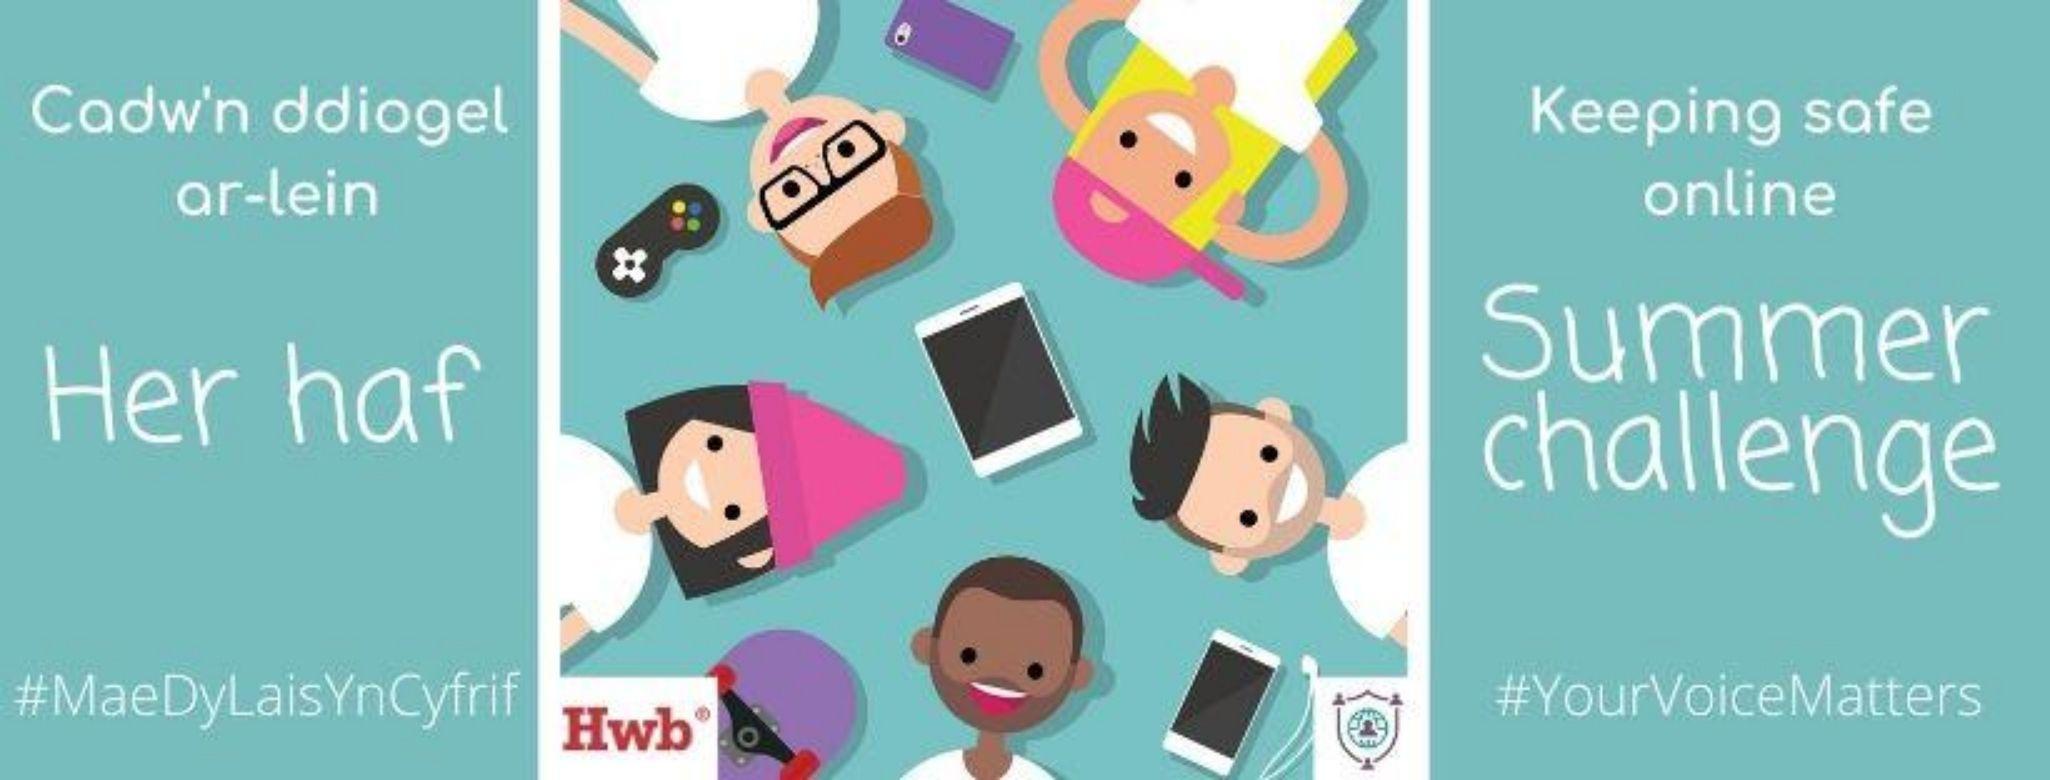 Keeping safe online summer challenge